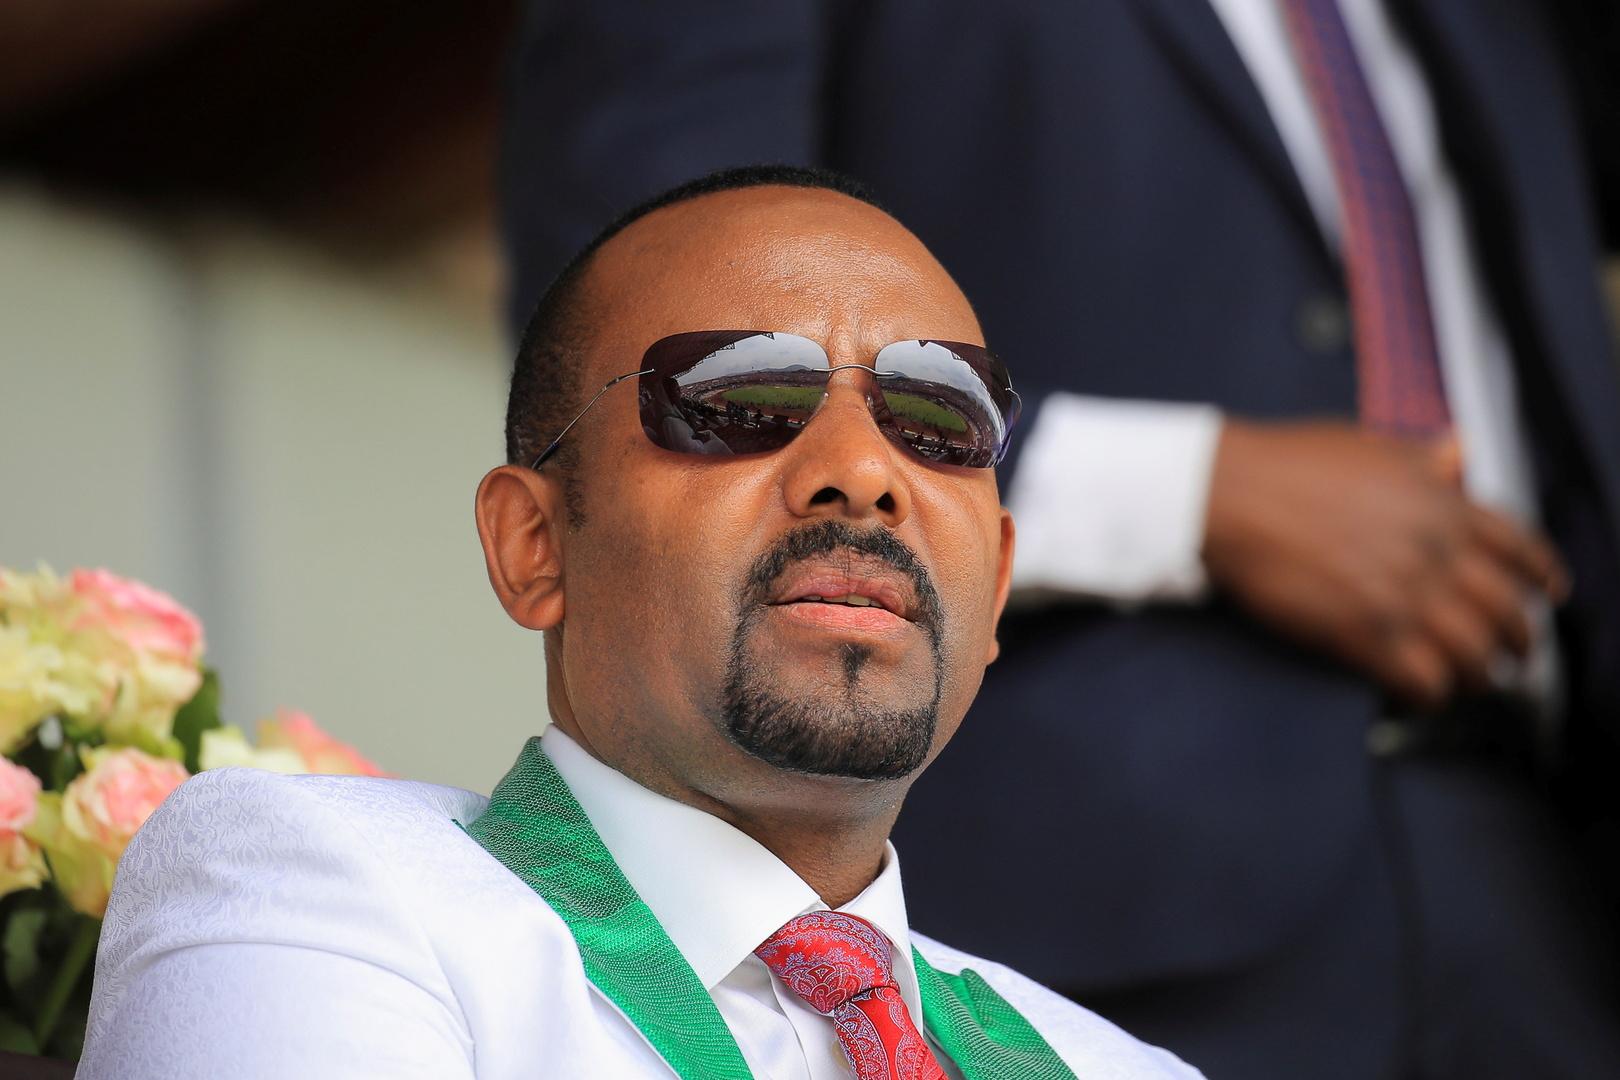 رئيس وزراء إثيوبيا يصف رئيس جنوب السودان بأنه من